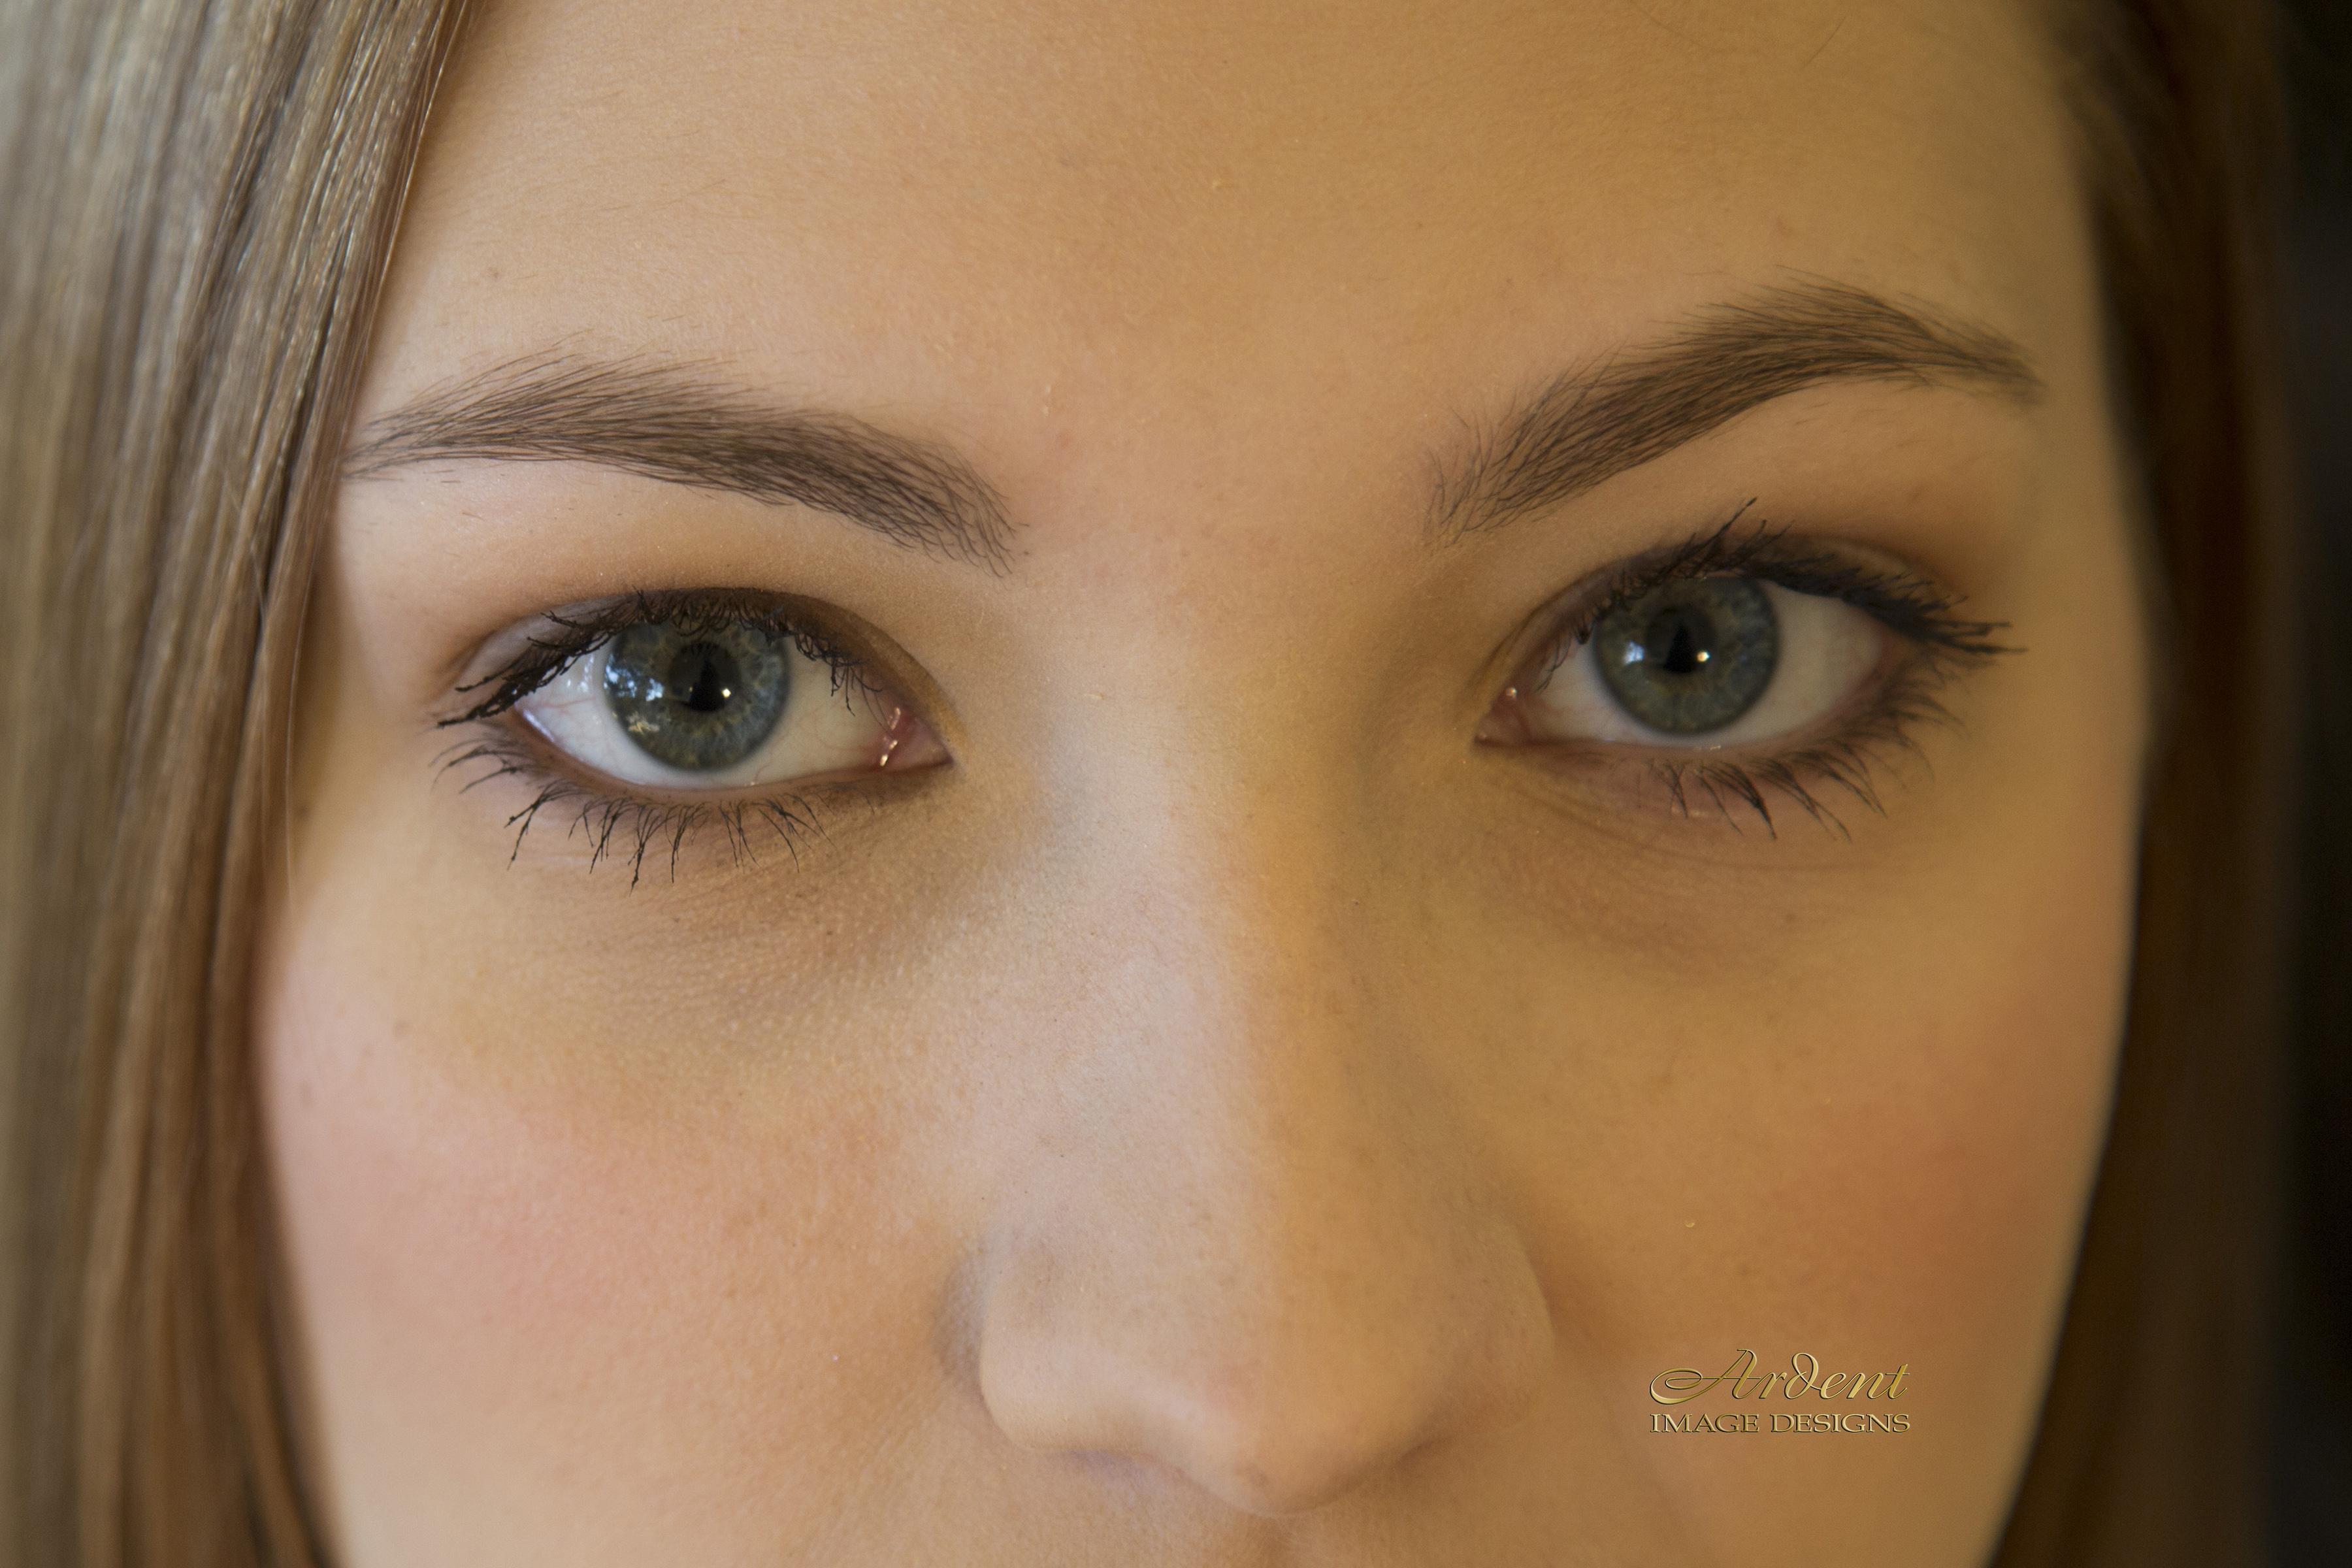 Let's talk eyebrows !